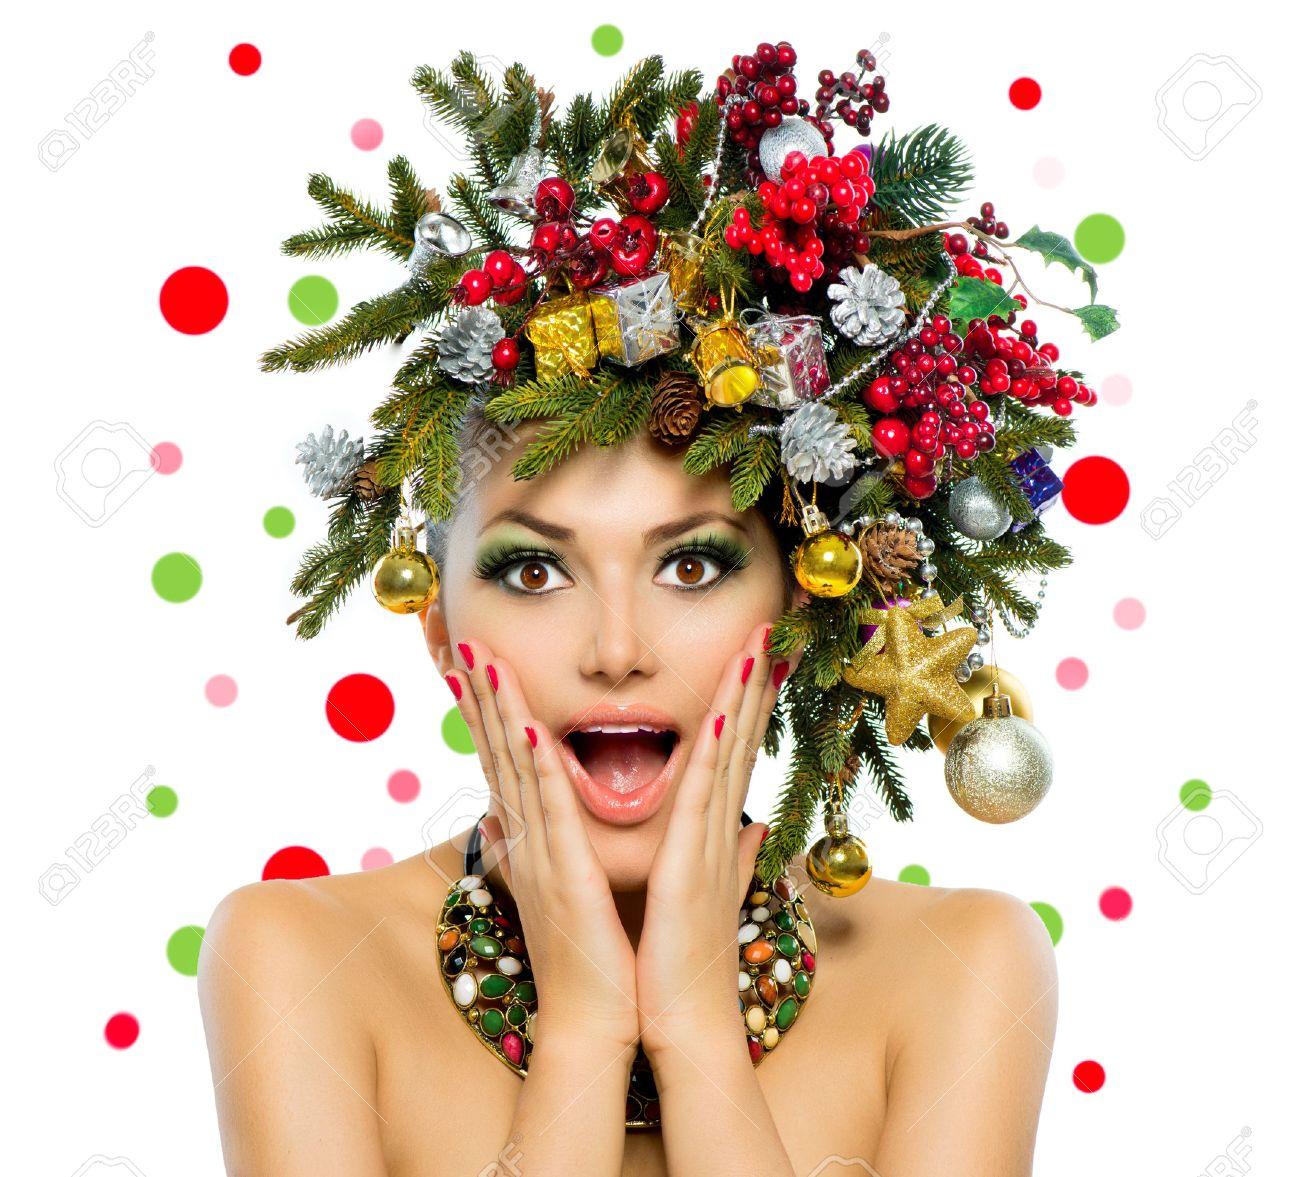 Christmas Woman Christmas Tree Holiday Hairstyle And Make Up Stock ...